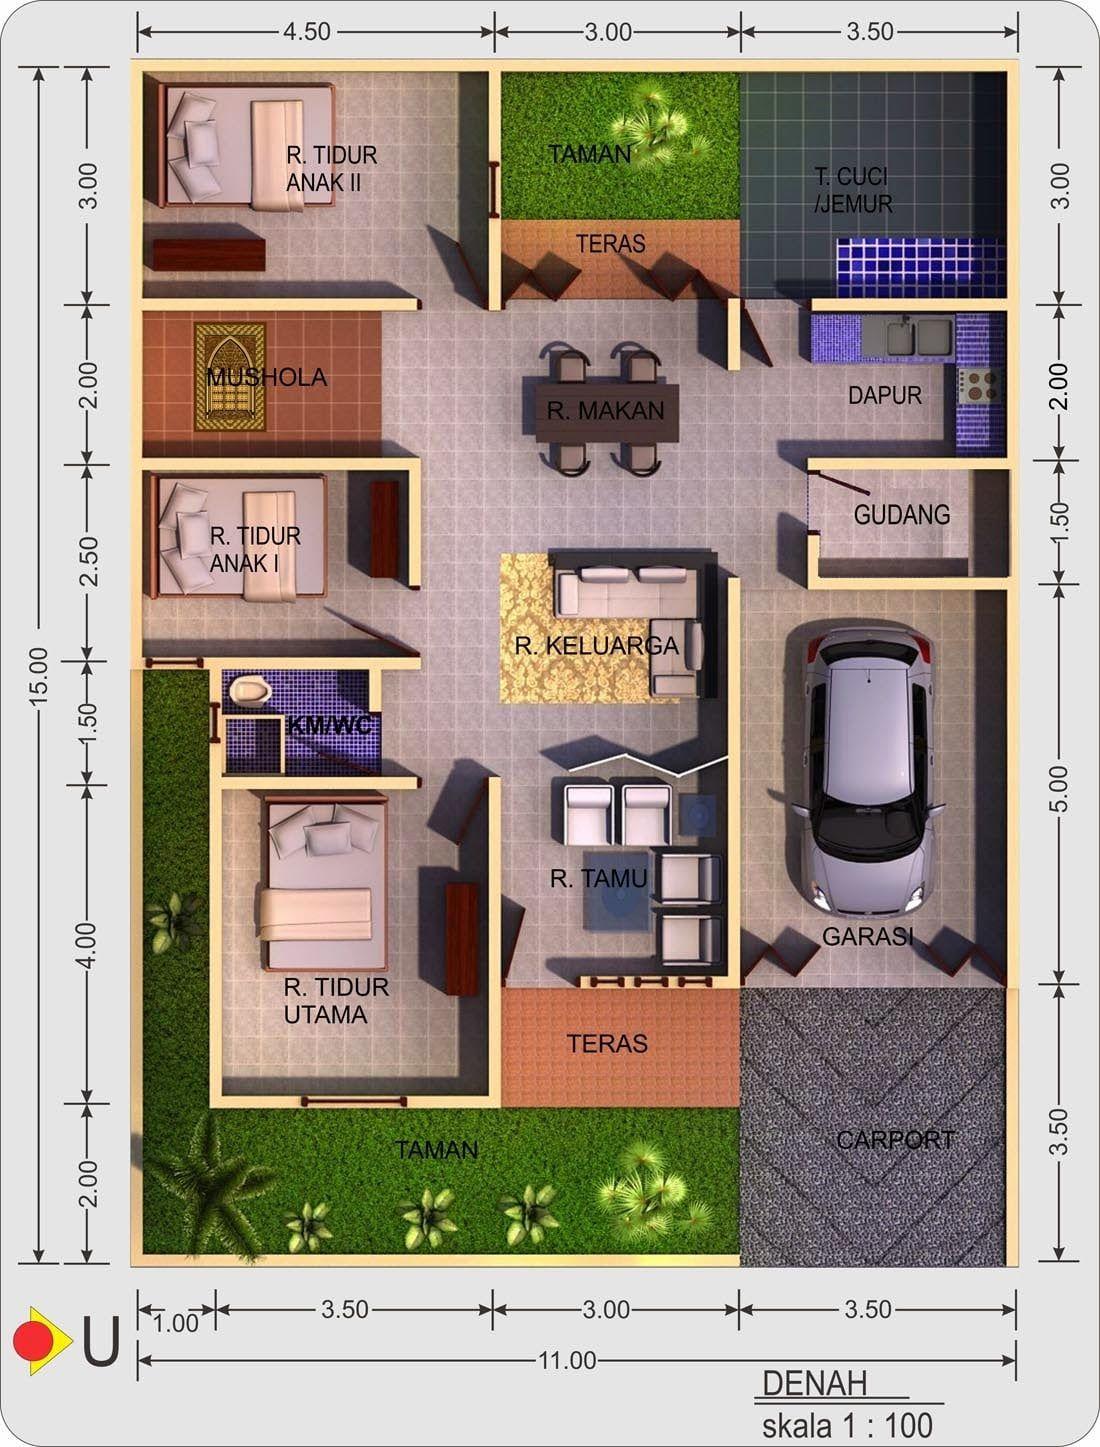 Desain Rumah Sederhana 9x15 Di 2020 | Denah Rumah, Rumah Minimalis, Denah  Desain Rumah